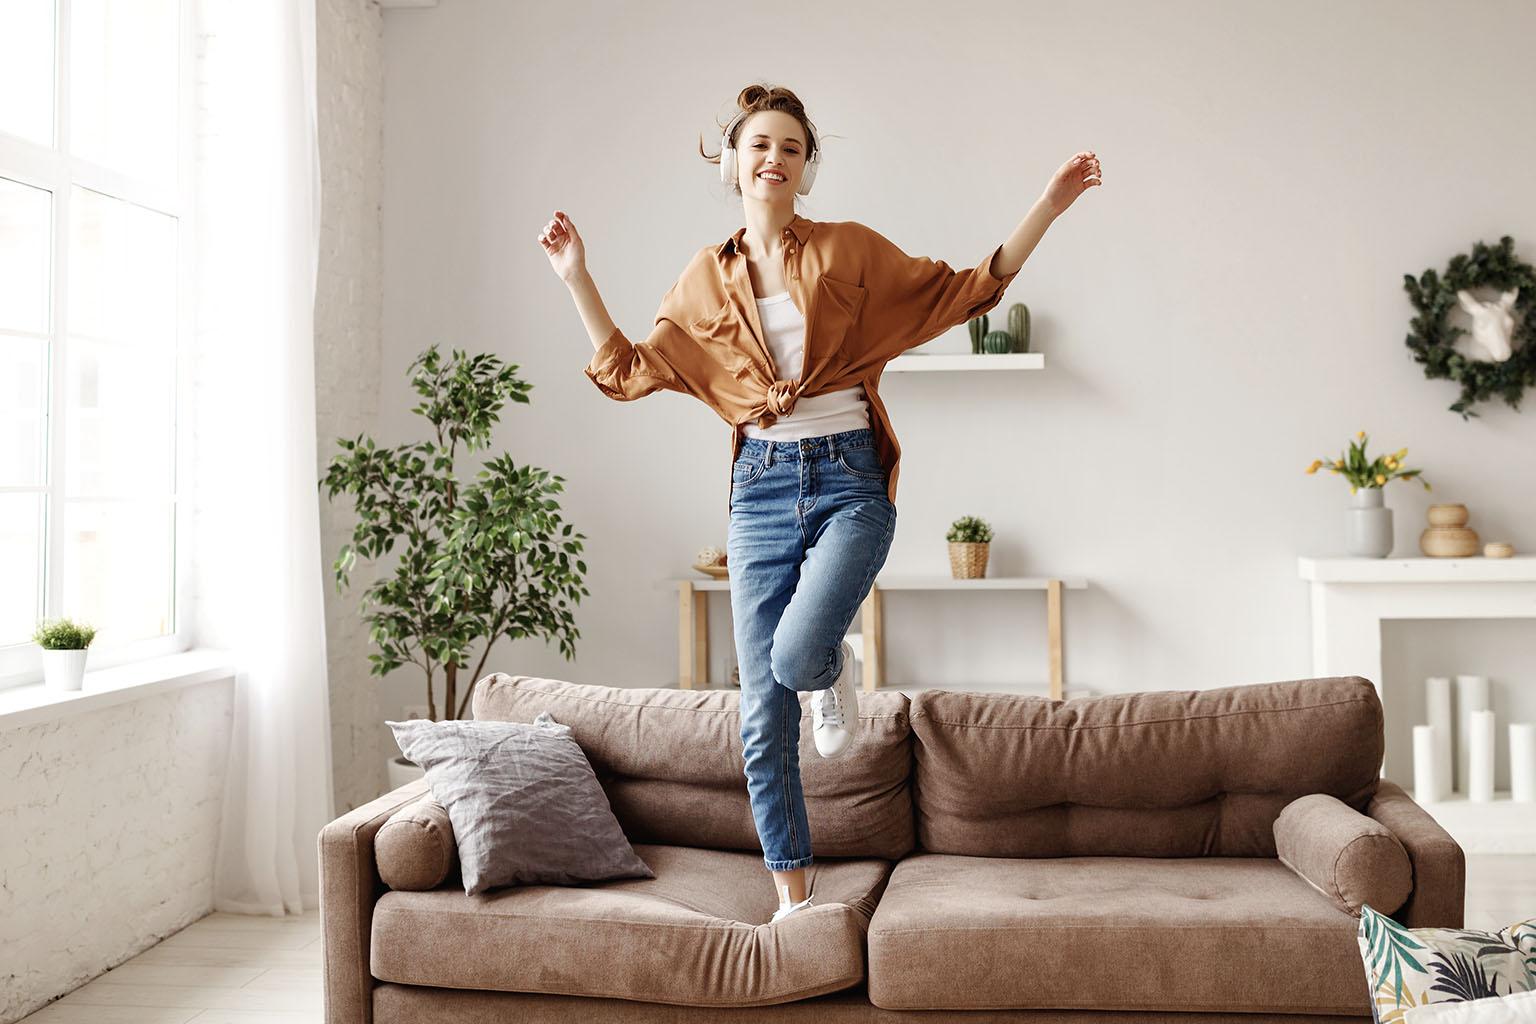 Sposoby na poprawę humoru, czyli jak odzyskać dobry humor. Kobieta ze słuchawkami na uszach skacze po kanapie.